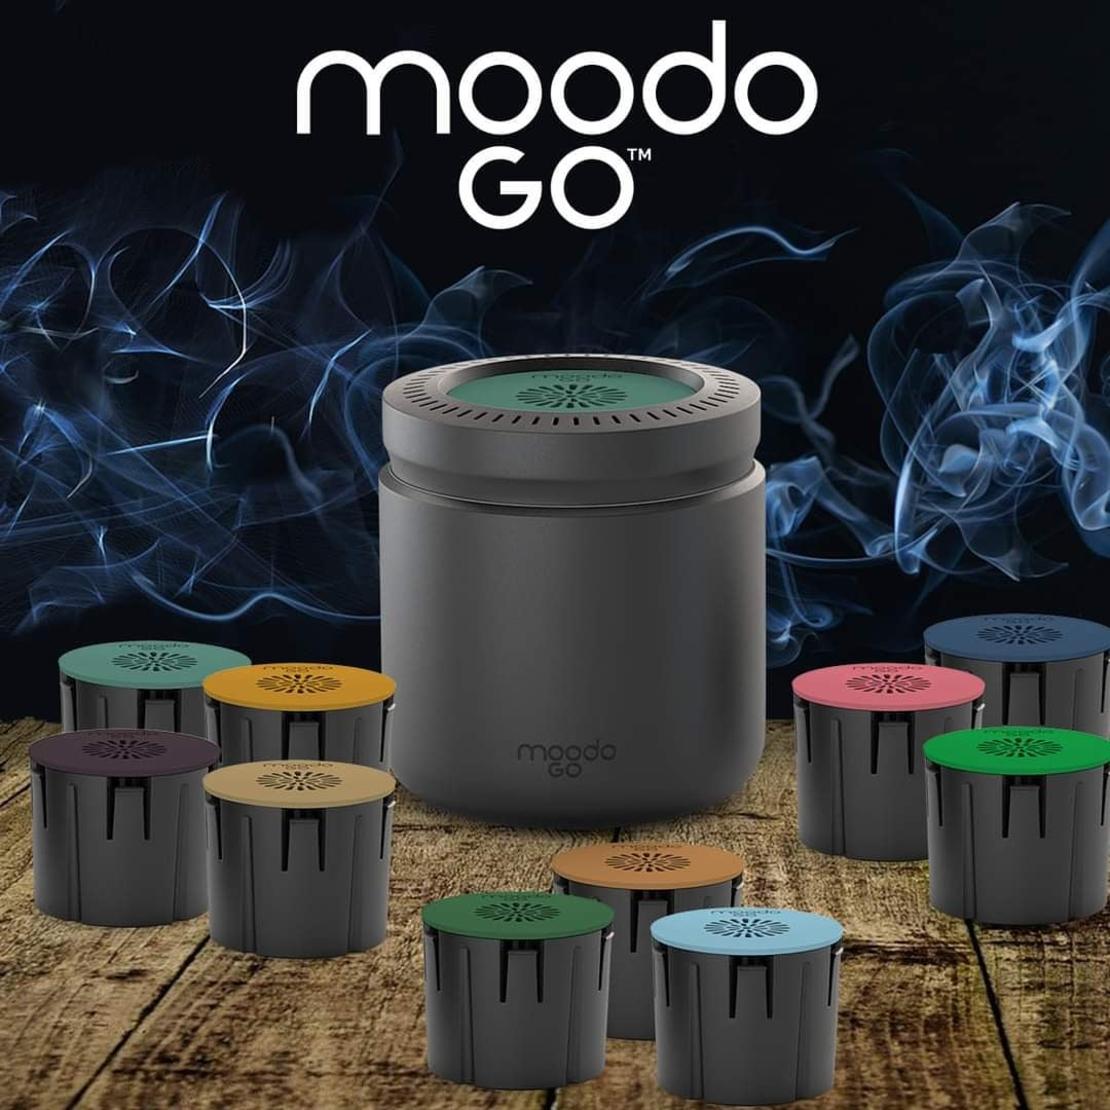 מפיץ ריח אלקטרוני לרכב moodo